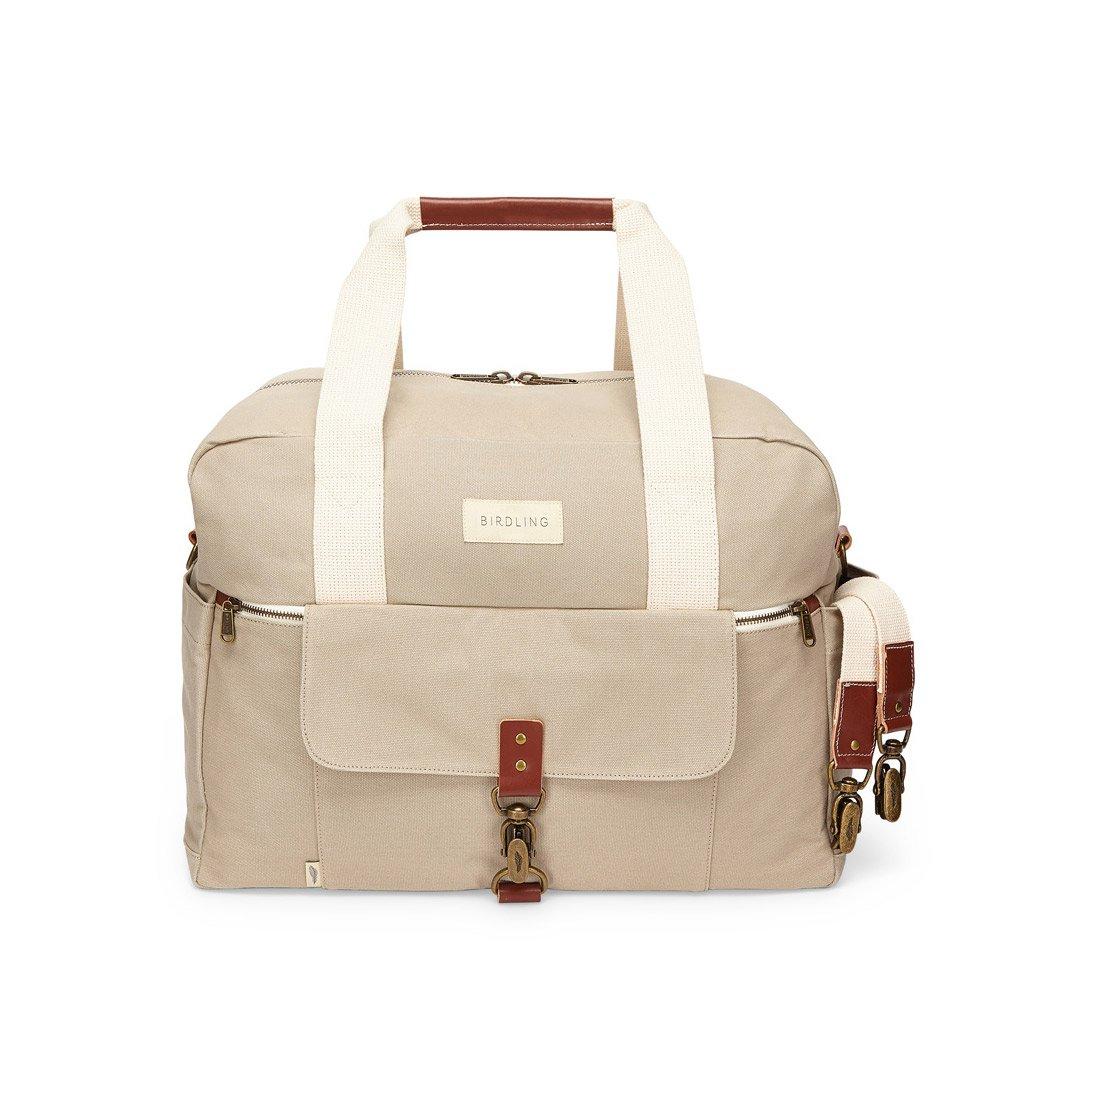 Birdling Weekender Bag - $150.00